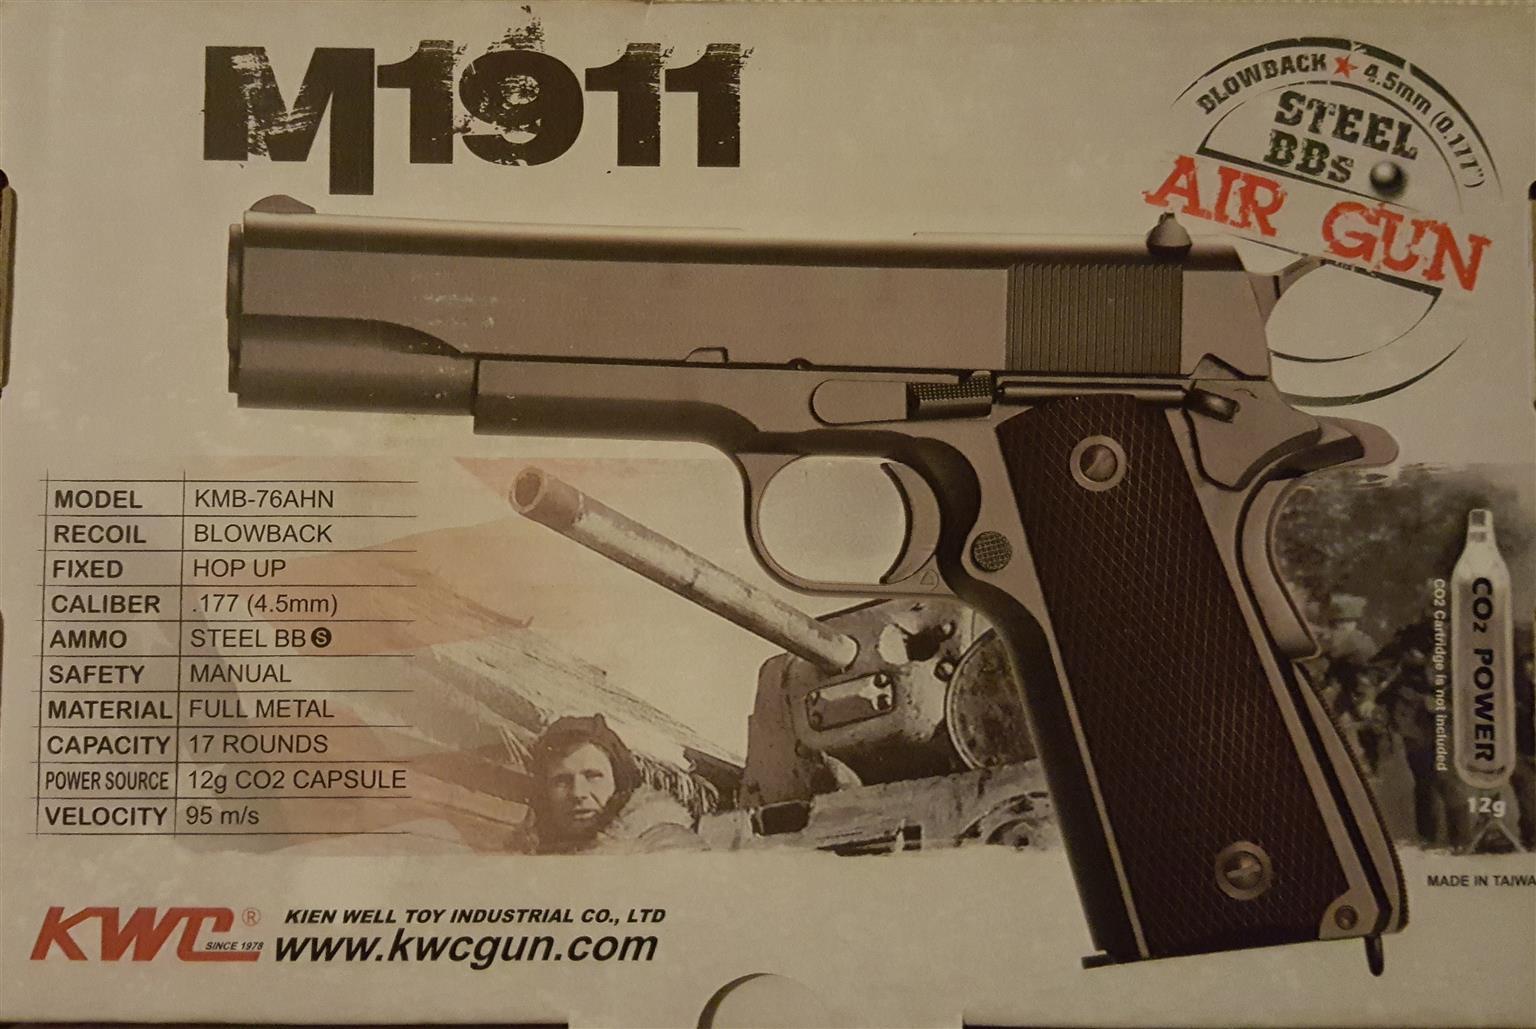 M1911 Air Gun